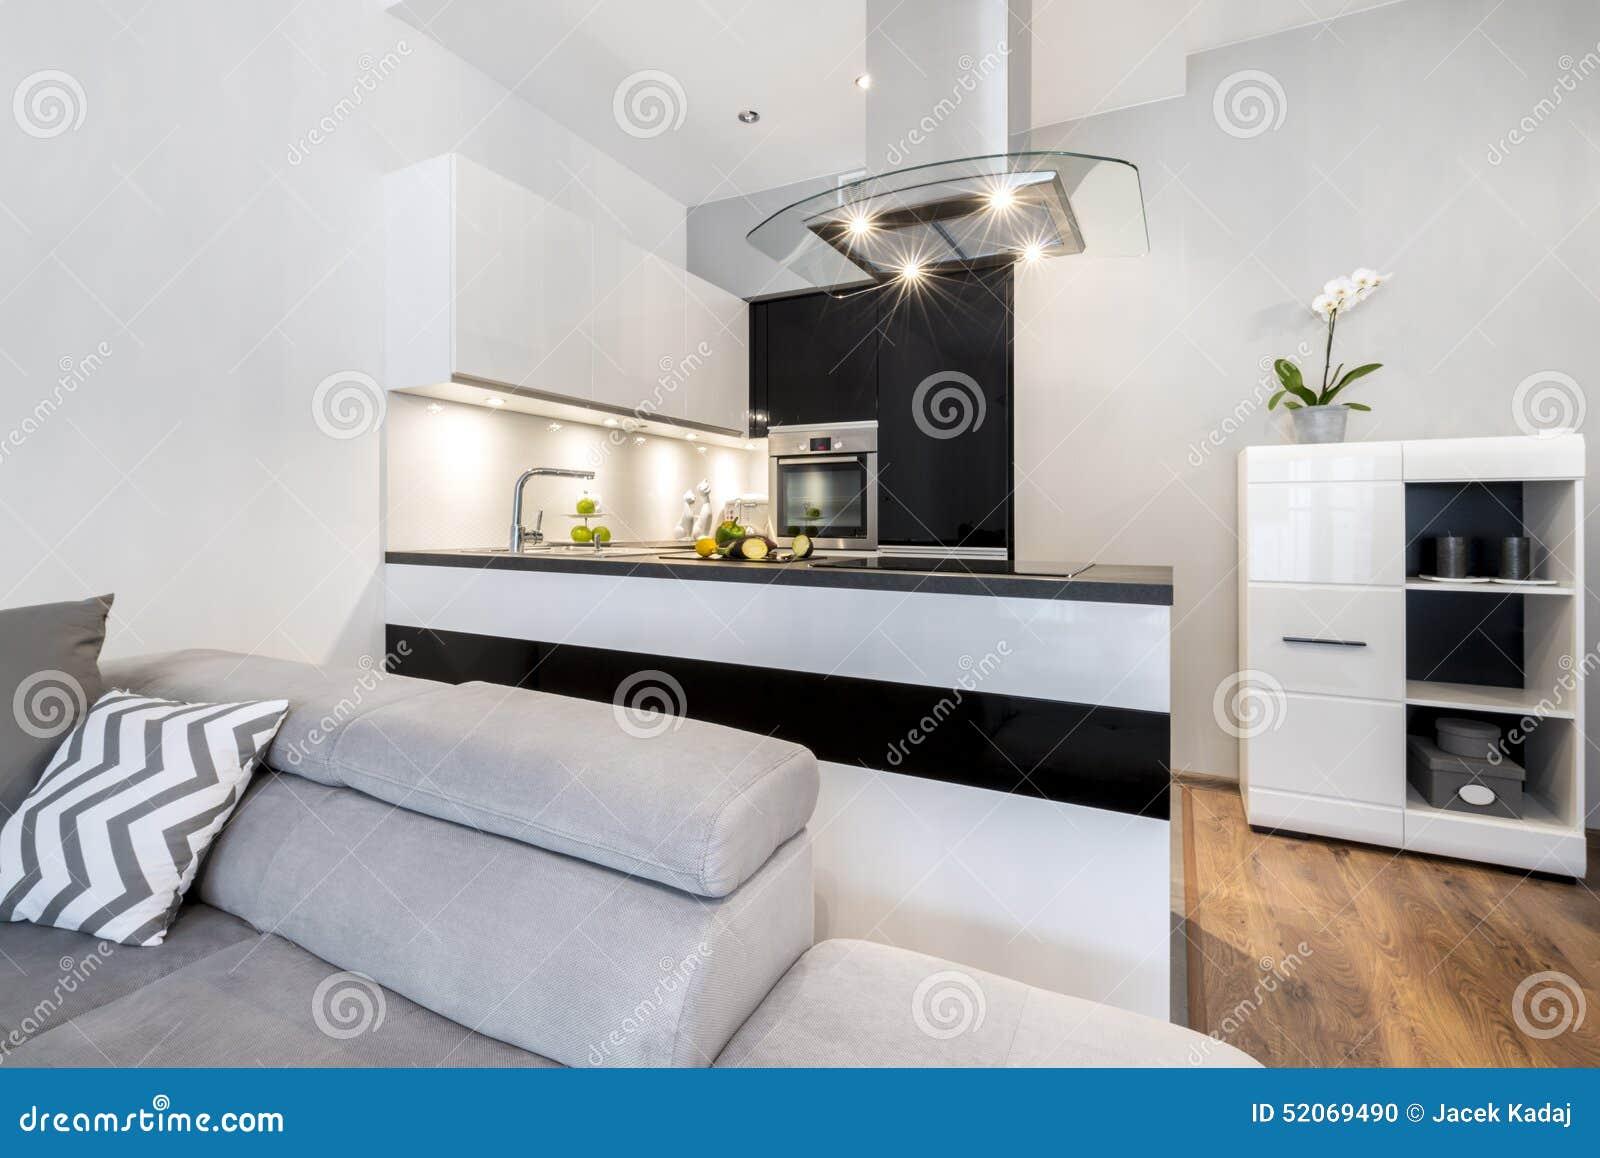 Interior Design Moderno Della Cucina In Bianco E Nero Fotografia ...